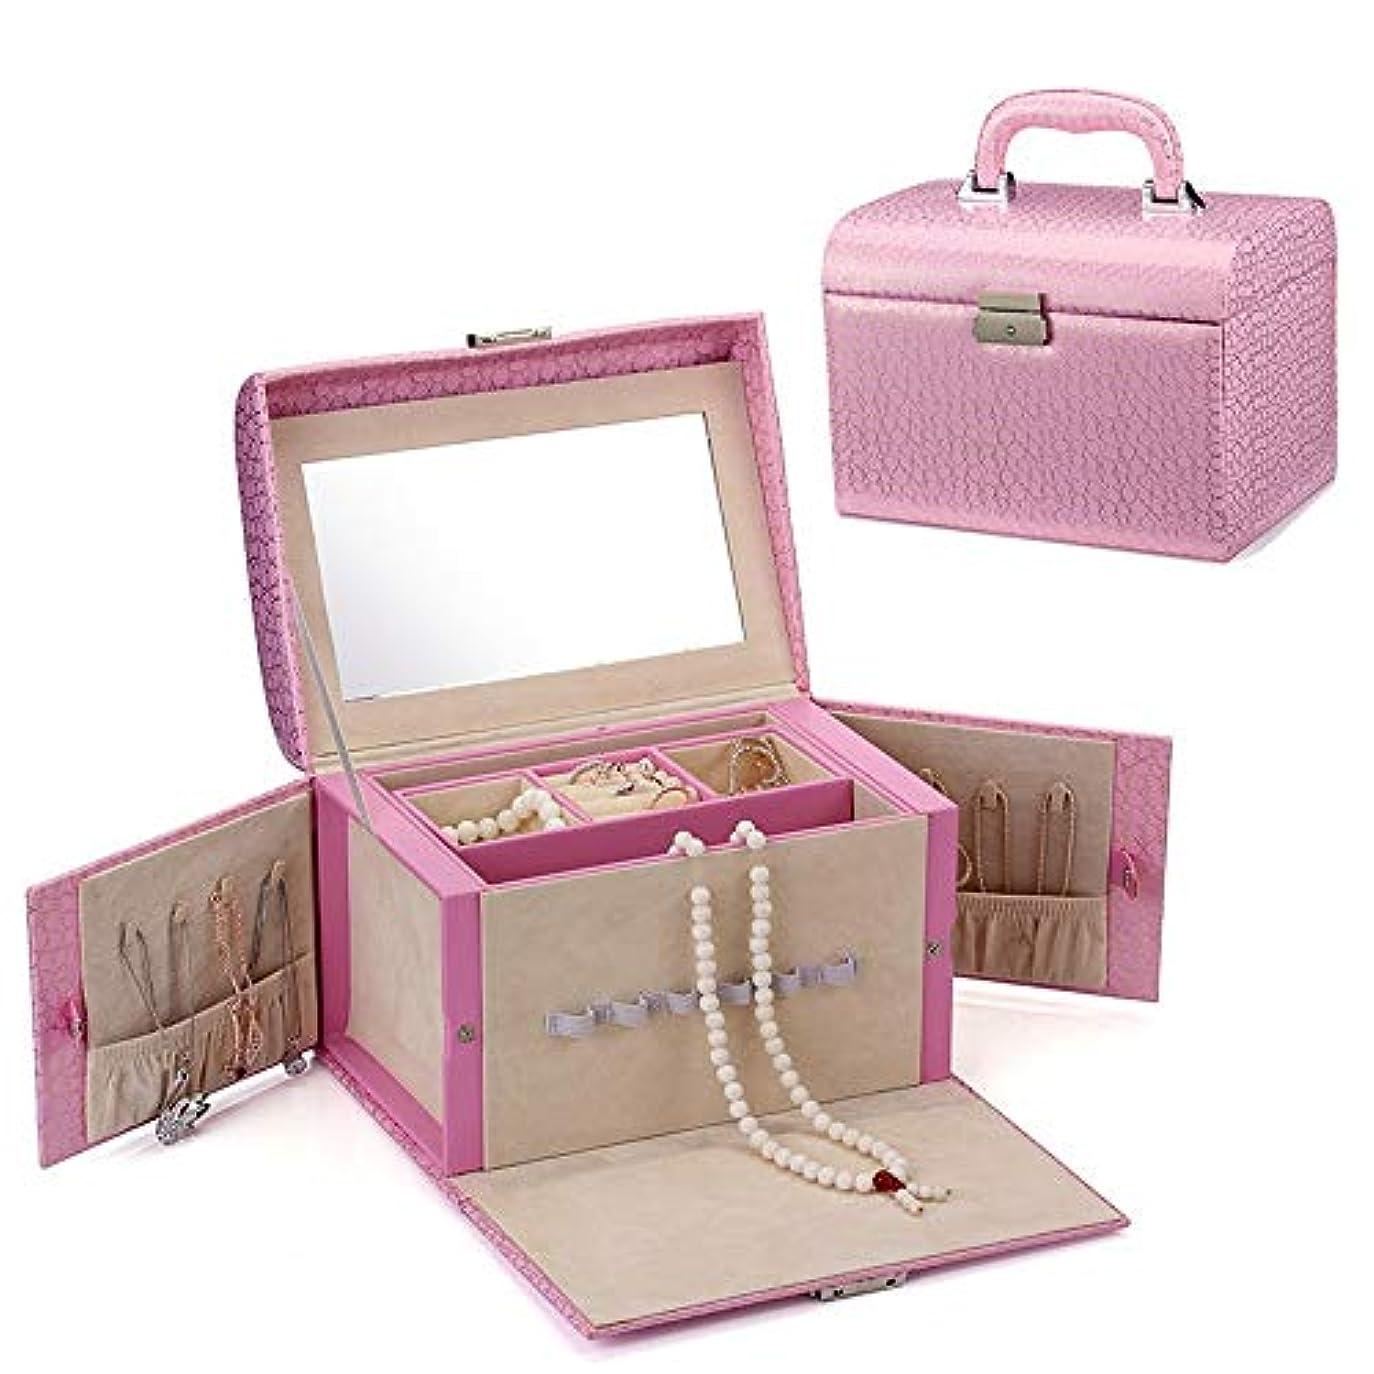 ミシントムオードリースイースター化粧オーガナイザーバッグ 多層の引き出し女性の宝石の収納箱小物のストレージのための 化粧品ケース (色 : ピンク)